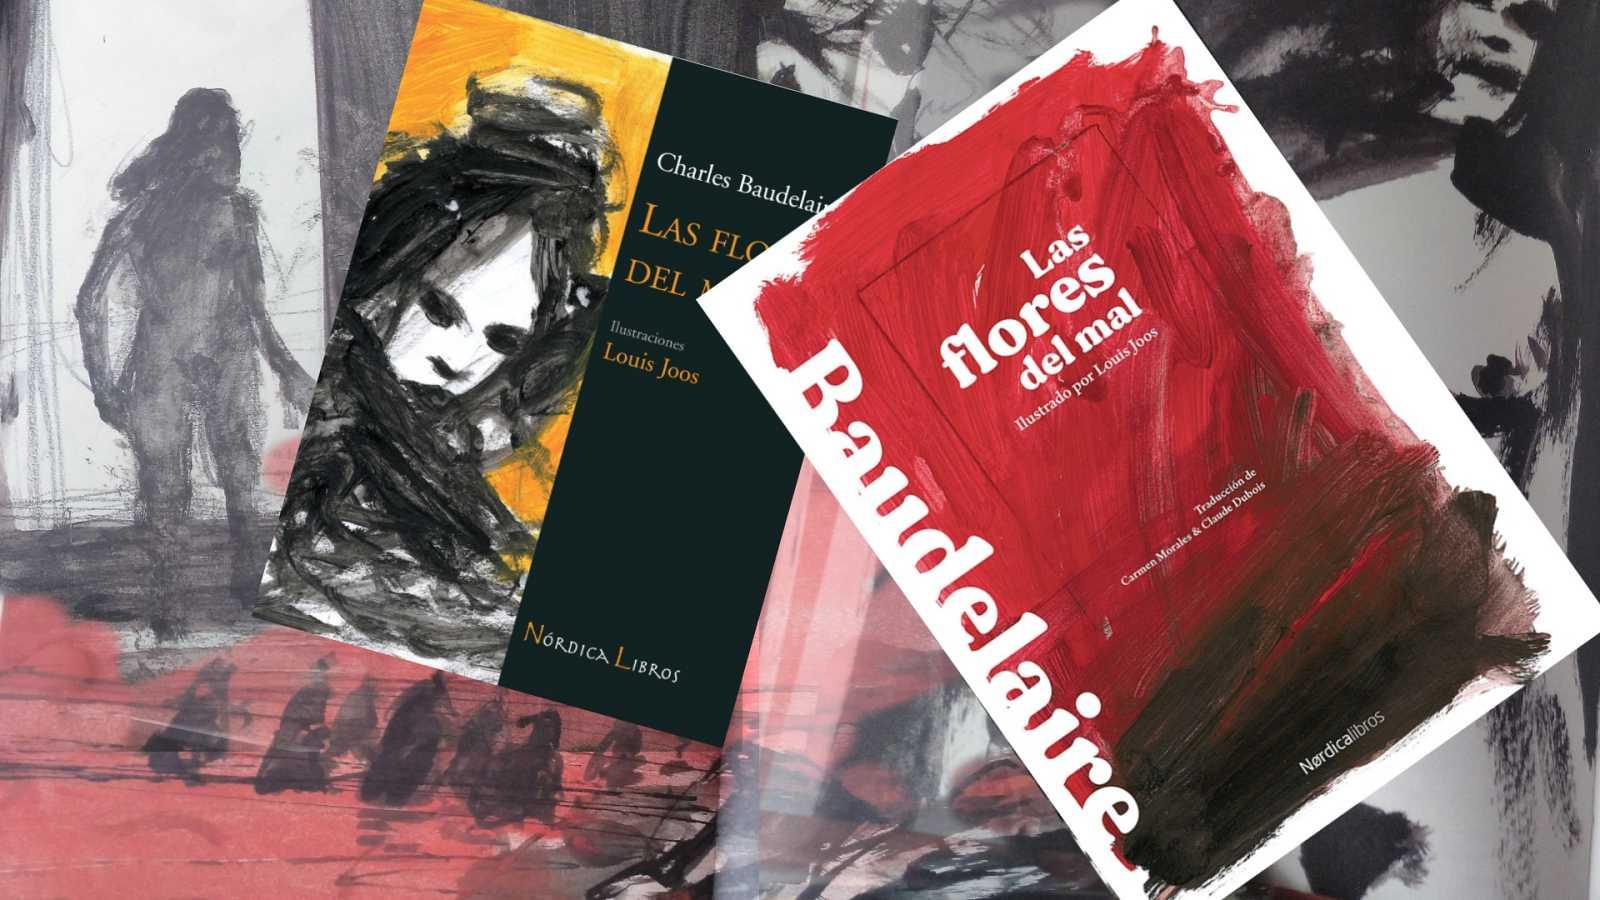 La LiBéLuLa - Las Flores del mal (Charles Baudelaire, ed. Nórdica Libros) - 13/04/21 - escuchar ahora